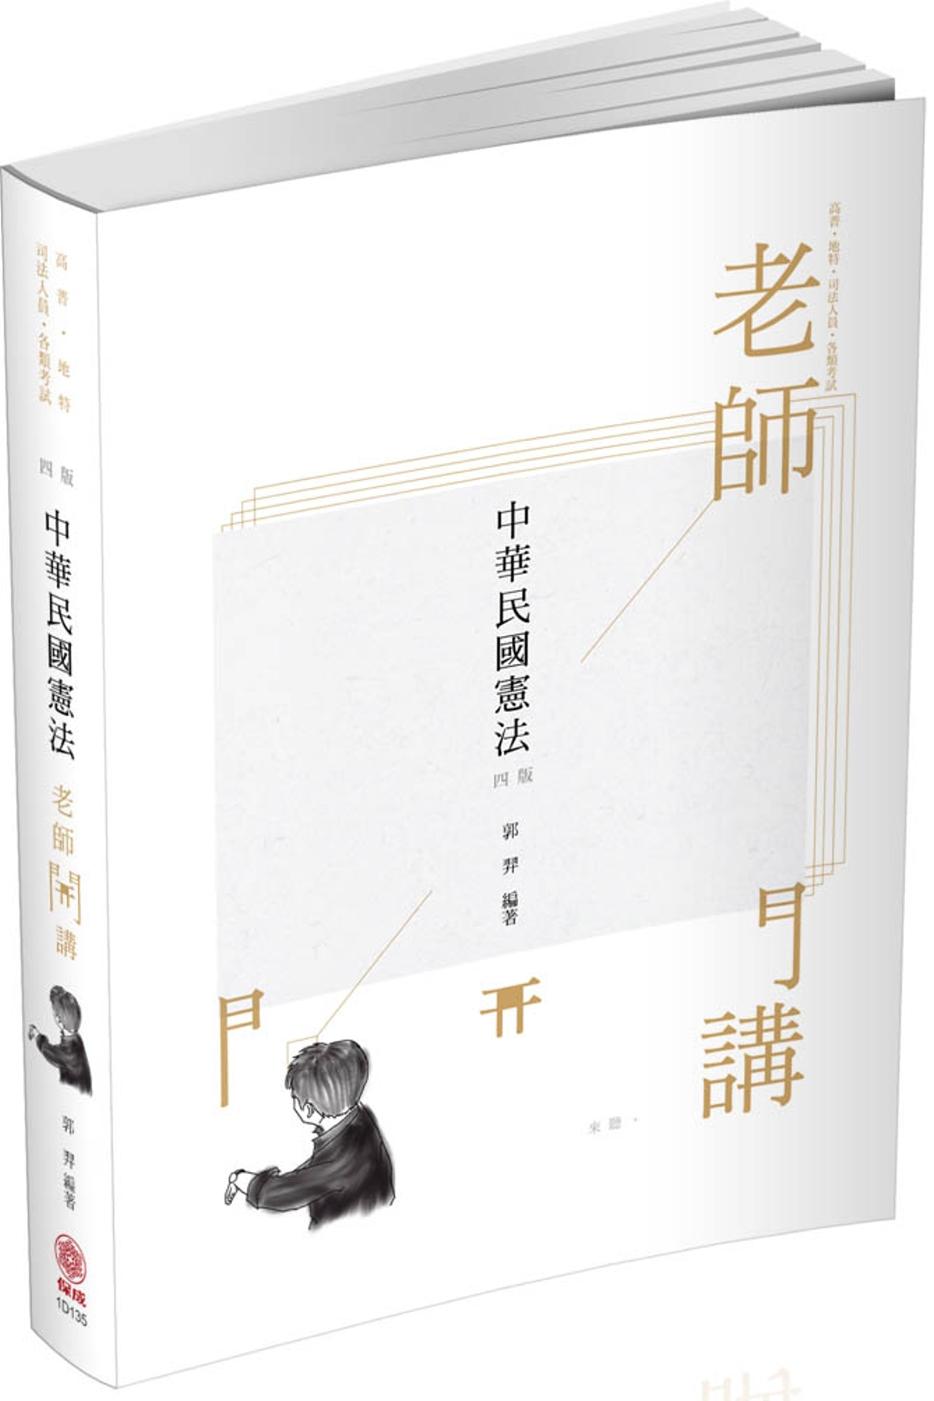 老師開講-中華民國憲法-2020司法特考‧高普特考(保成)(四版)